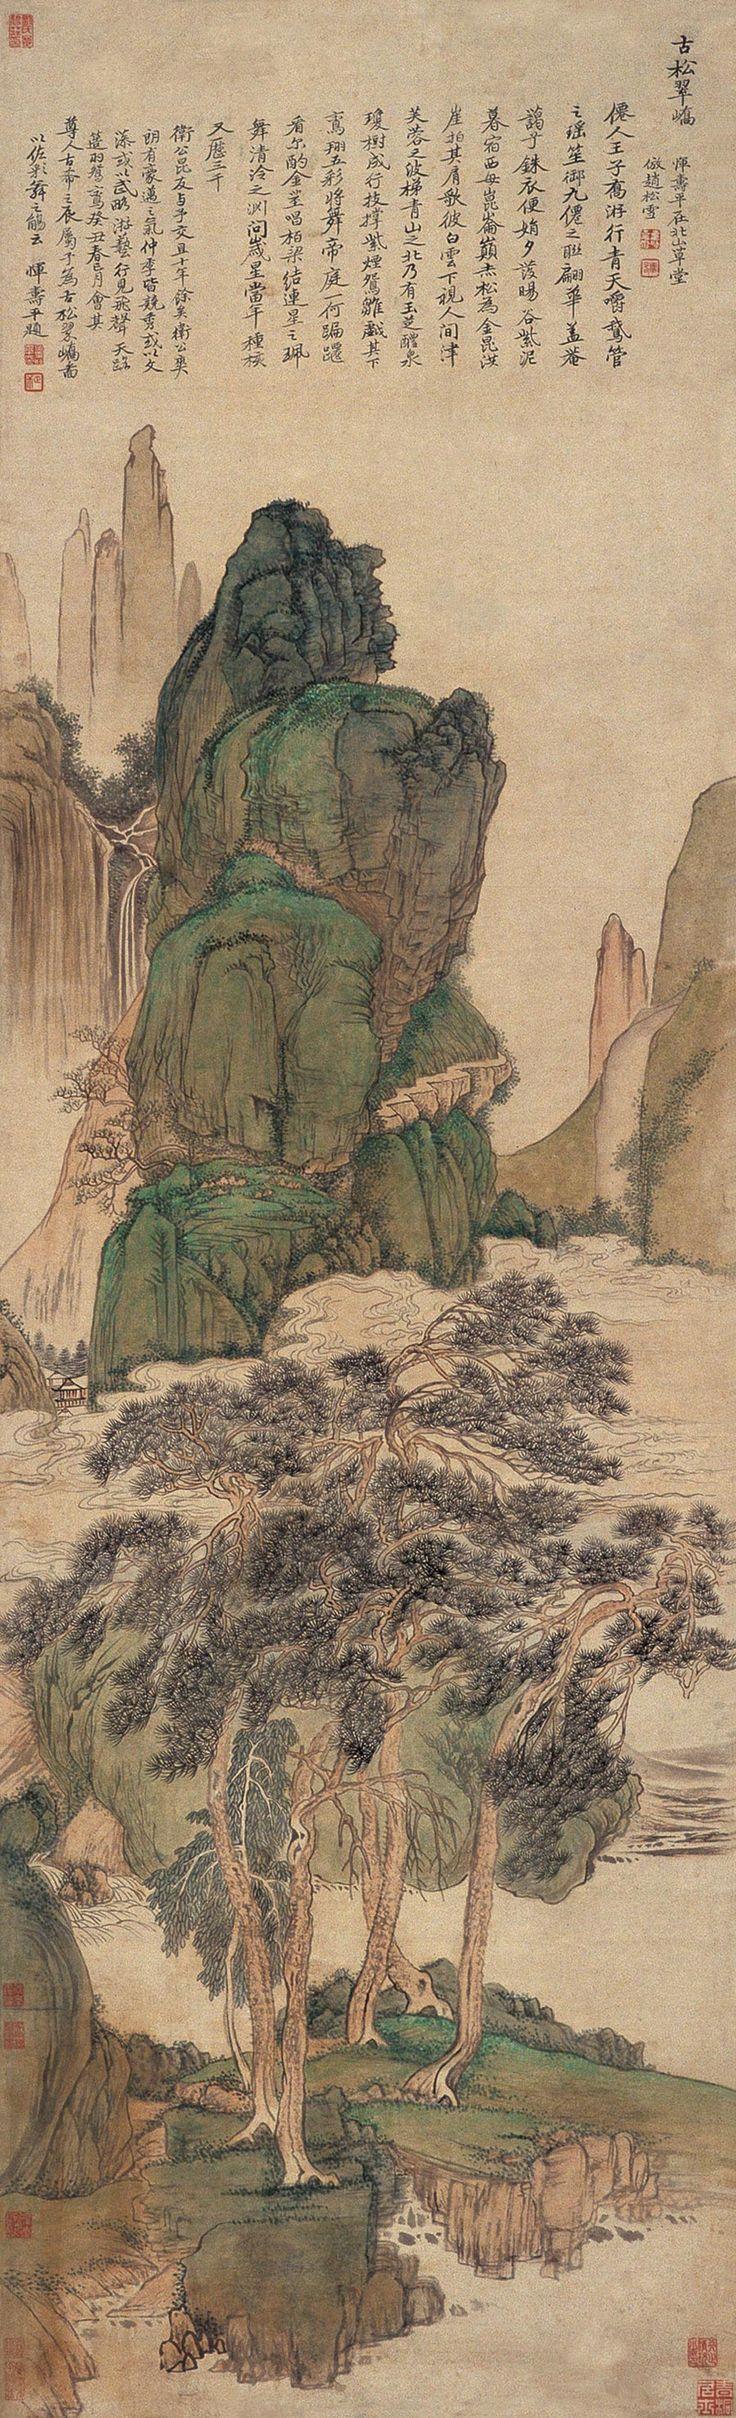 Yun Shouping (恽寿平) ,  古松翠峤图